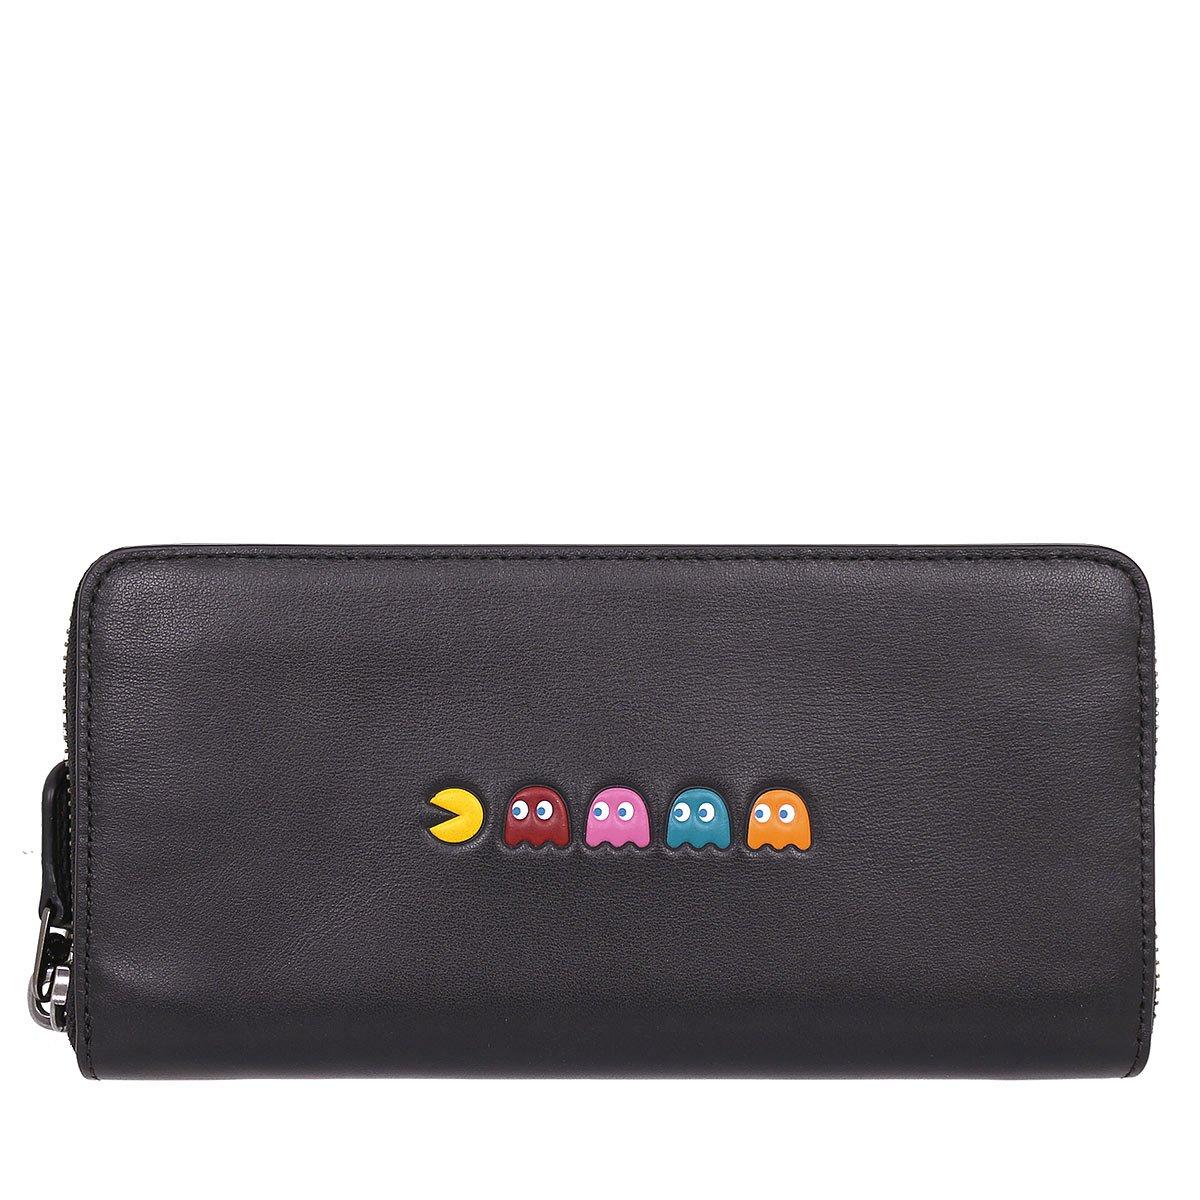 [コーチ] COACH 財布 (長財布) F55736 ブラック QB/BK レザー 長財布 メンズ レディース [アウトレット品] [並行輸入品] B01MQ41VDB